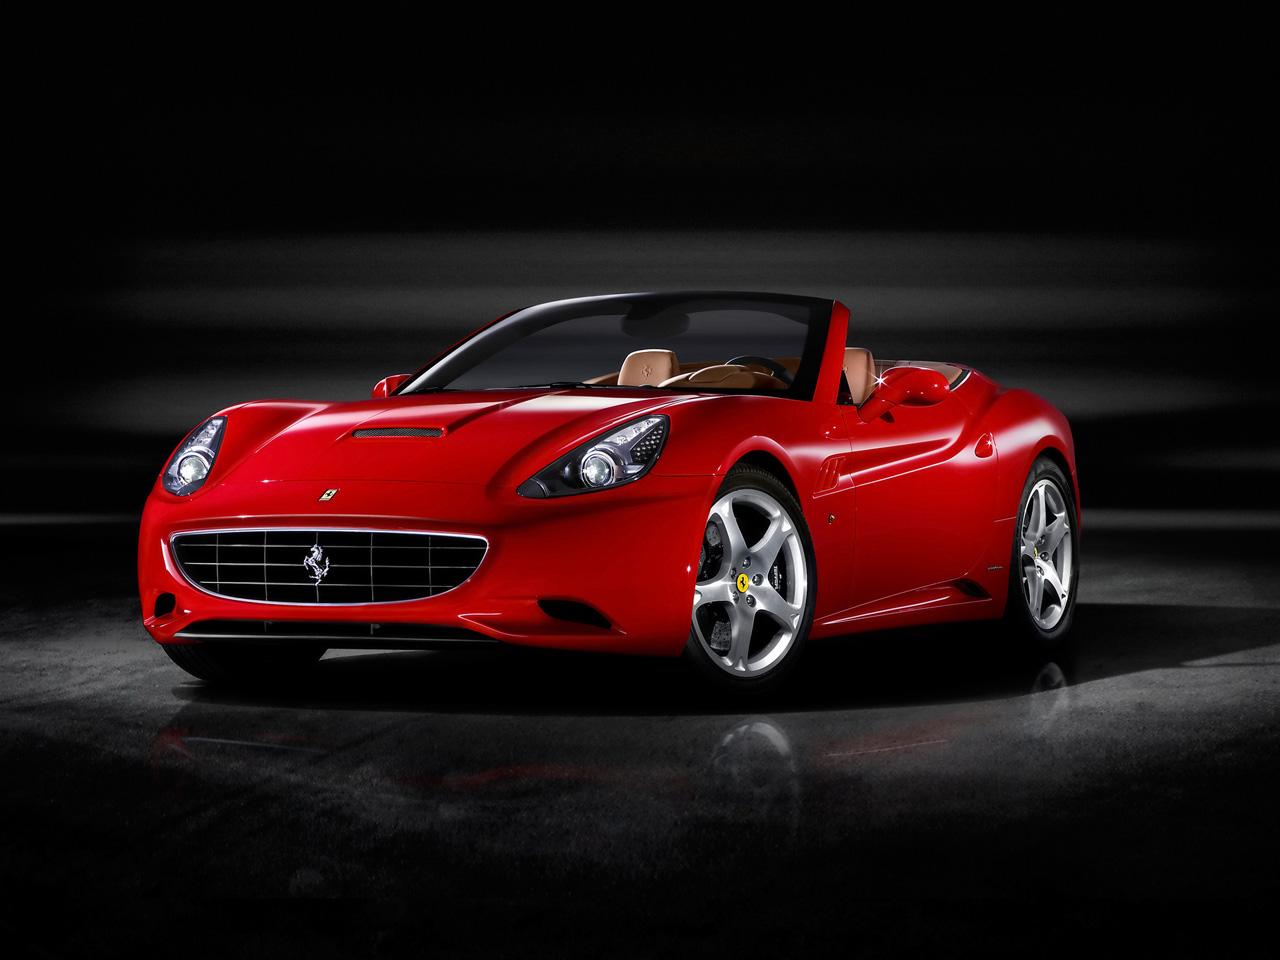 http://3.bp.blogspot.com/-_IuNezIGkB0/TgNKiganziI/AAAAAAAAAMQ/WiZqHzU_rkY/s1600/cars1.jpg